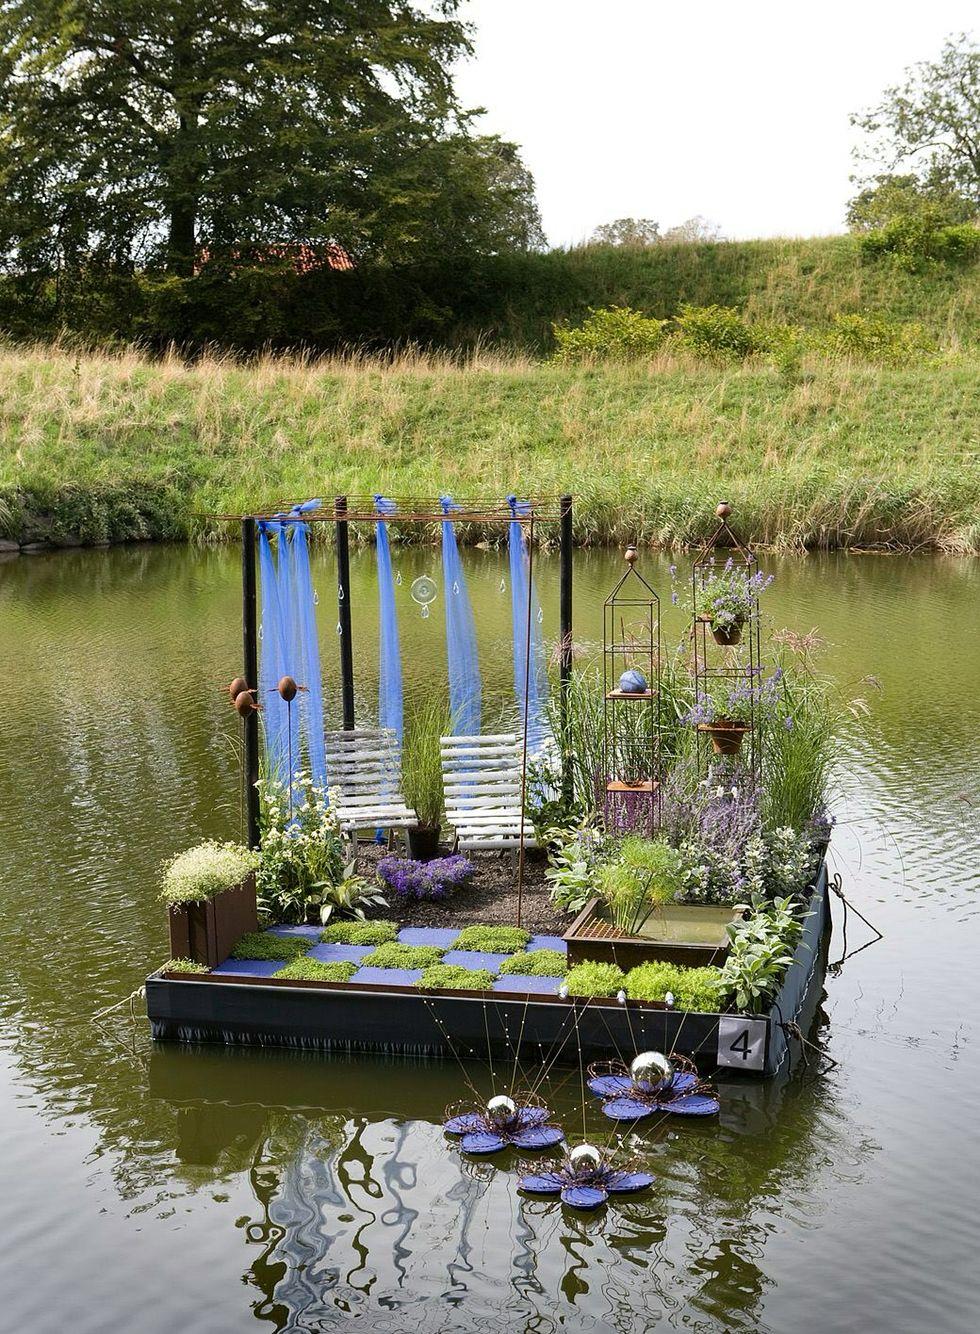 Avantgardens.  Floating garden at Landskrona, Sweden Garden Guild contest. Photo: Janne Jönsson